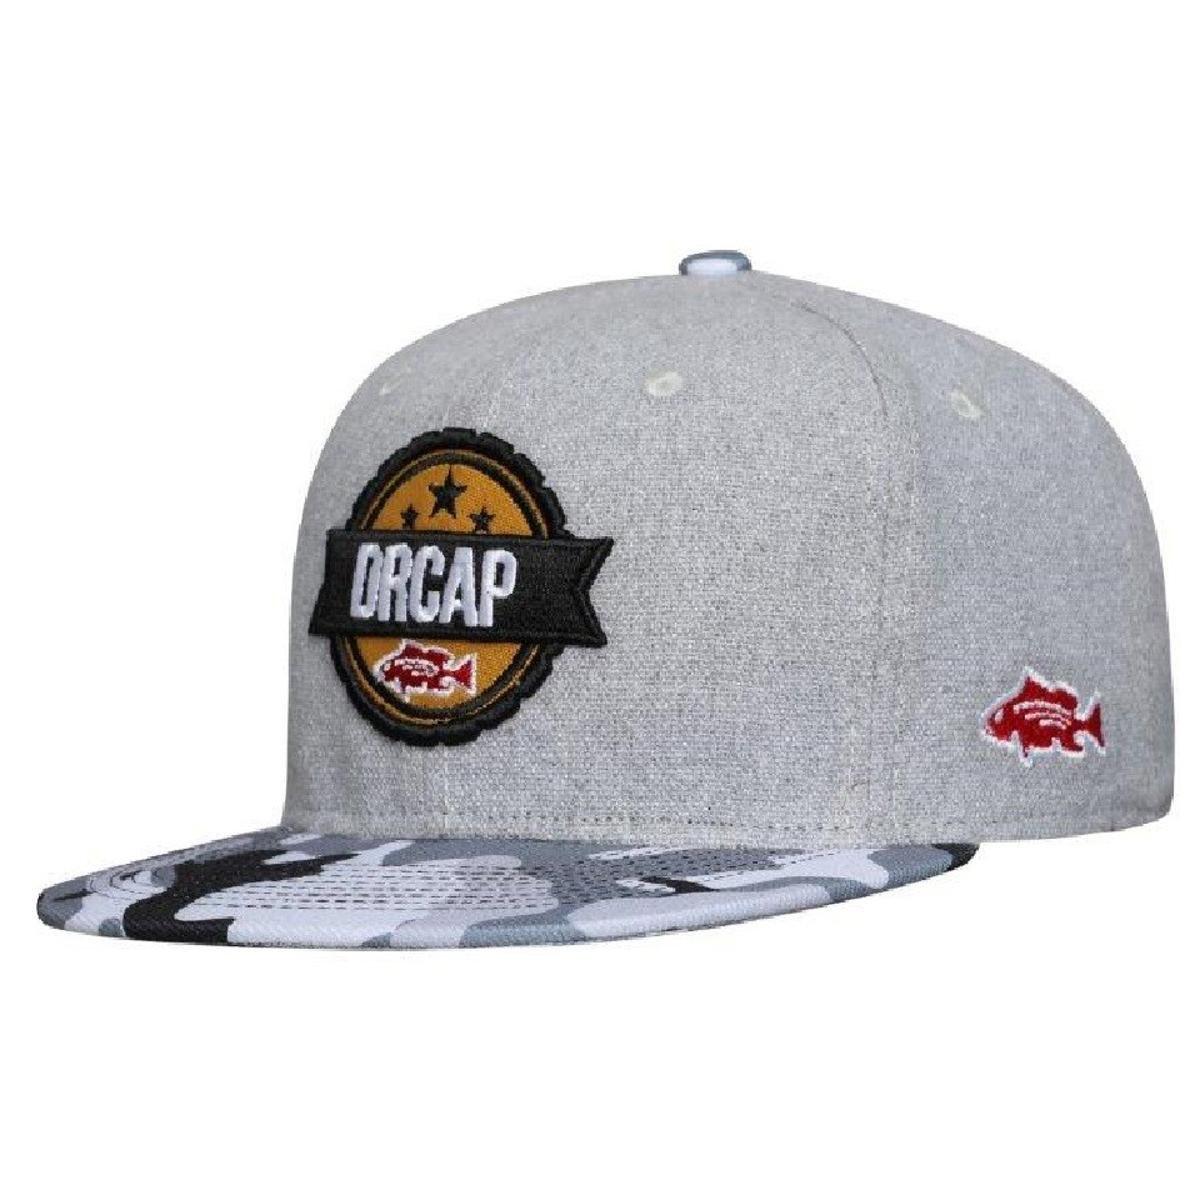 Boné Snapback Drcap - Cinza - Compre Agora  1481bb6842a